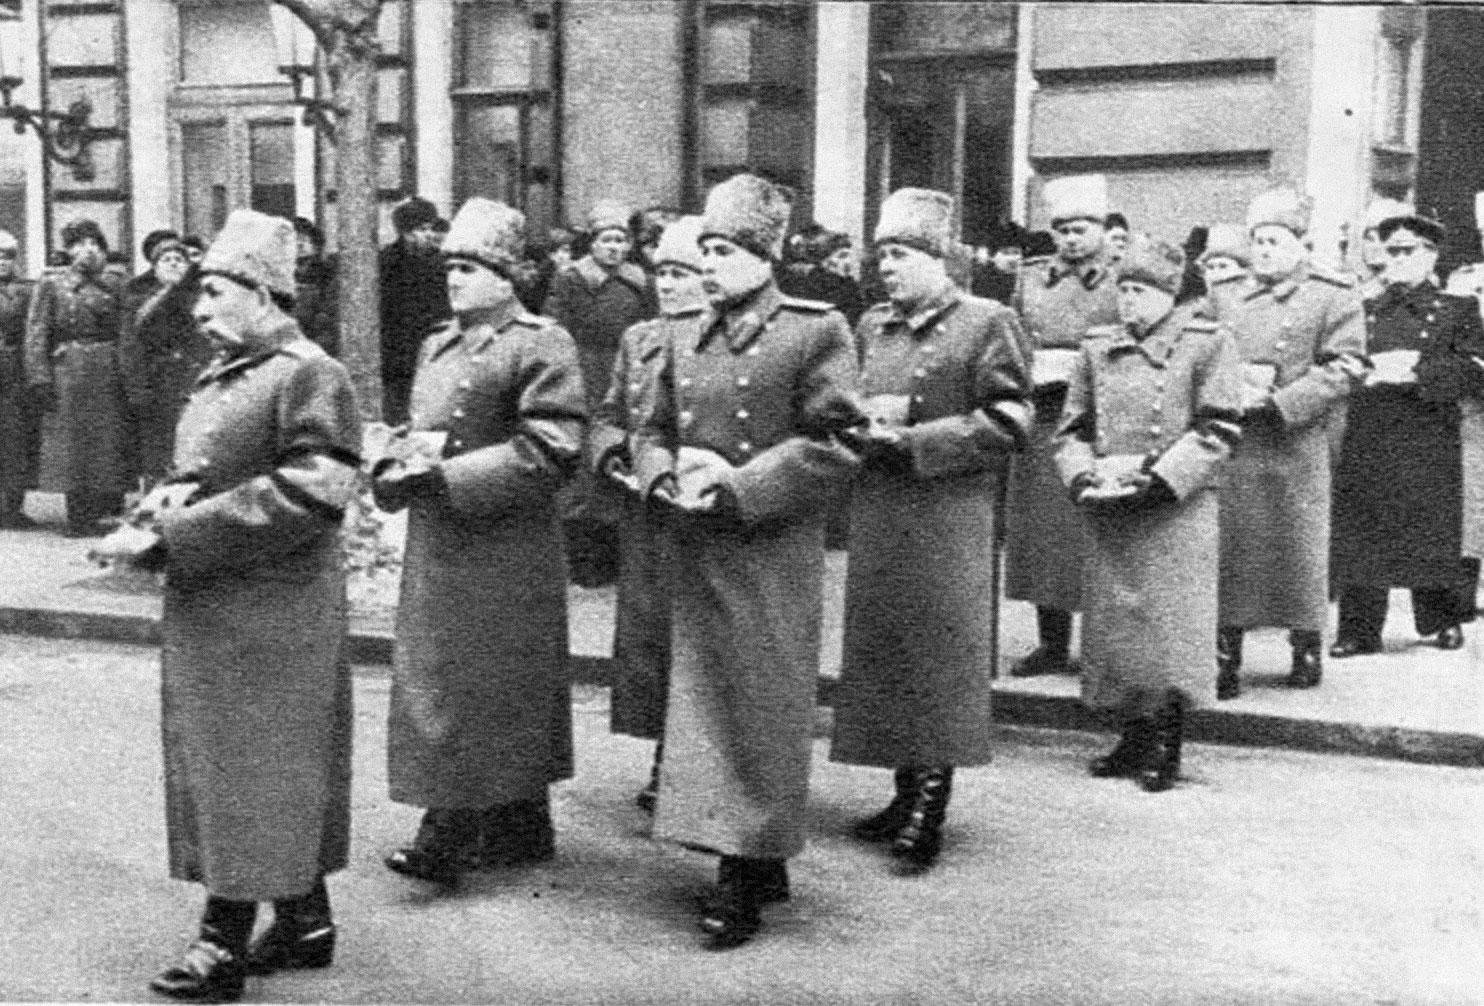 """Маршалы Советского Союза, генералы несут ордена и медали Сталина. Фото © Журнал """"Огонёк"""" № 11 (1344) от 15 марта 1953 года/ little-histories.org"""